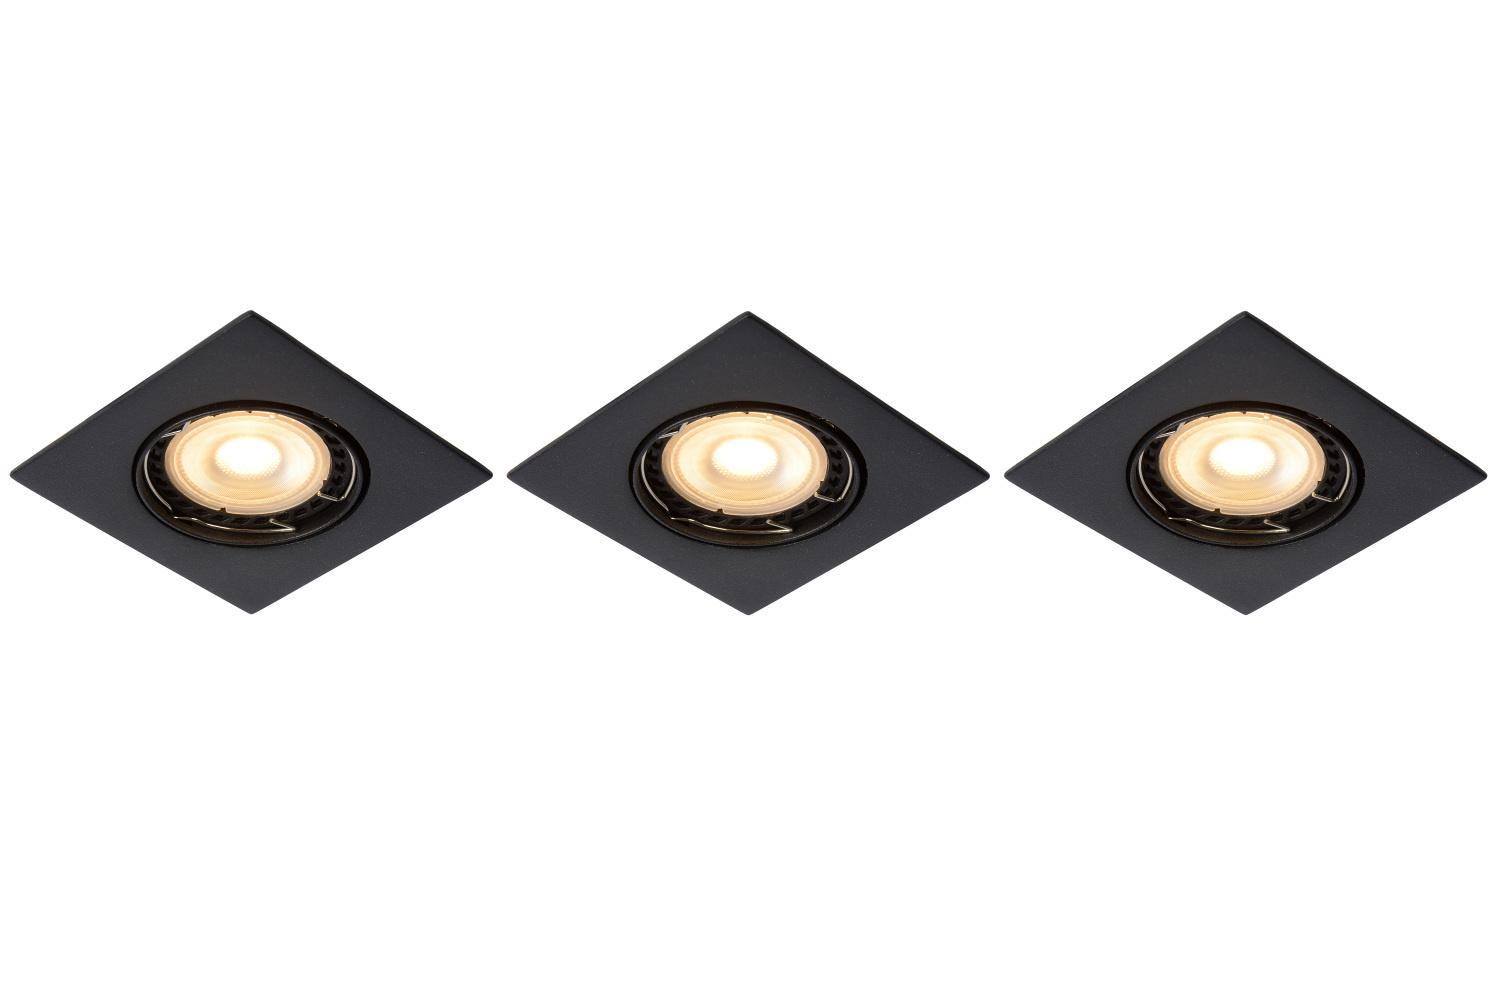 Lucide FOCUS Inbouwspot-Zwart-LED Dimb.-3xGU10-5W-3000K